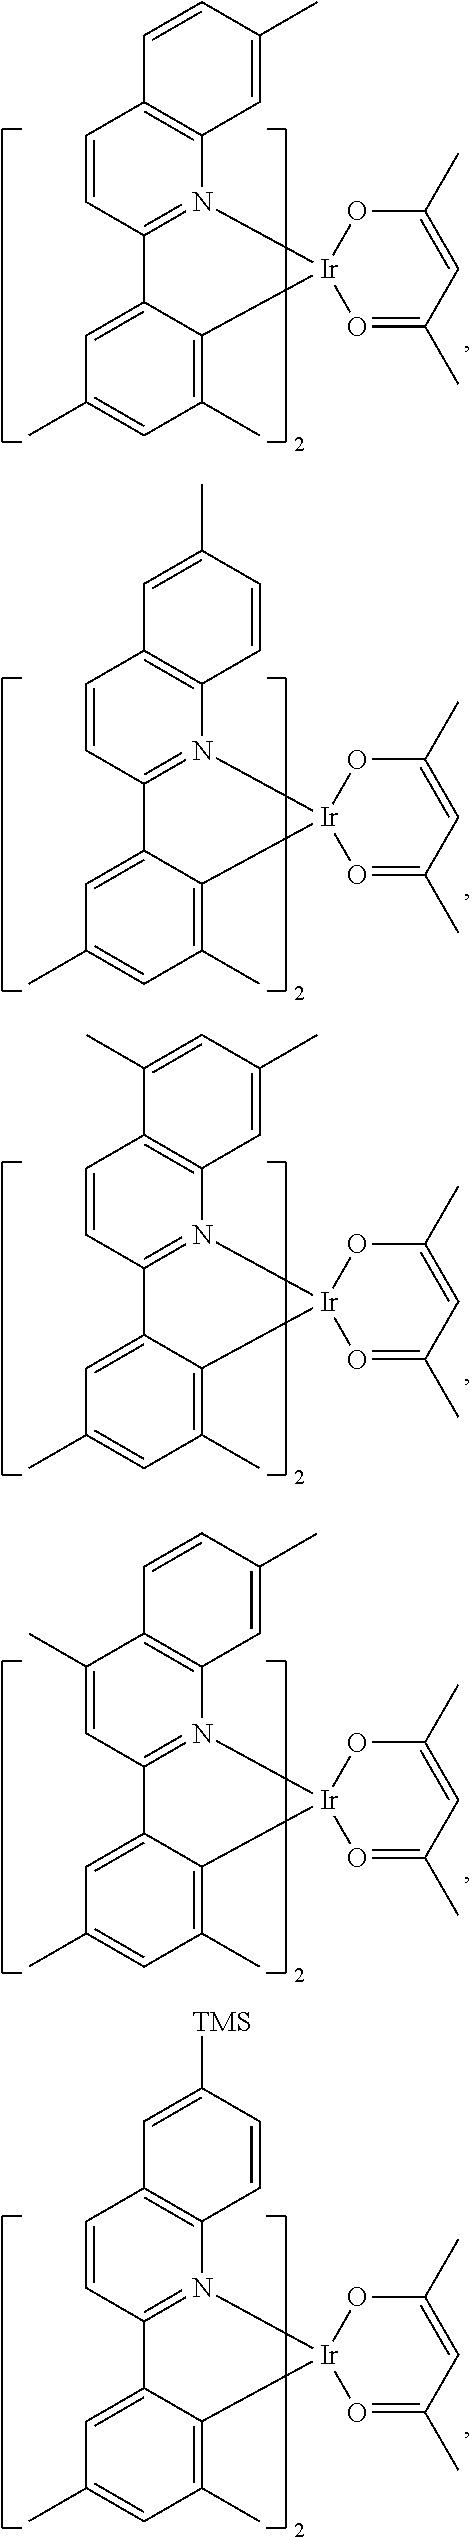 Figure US20180130962A1-20180510-C00191